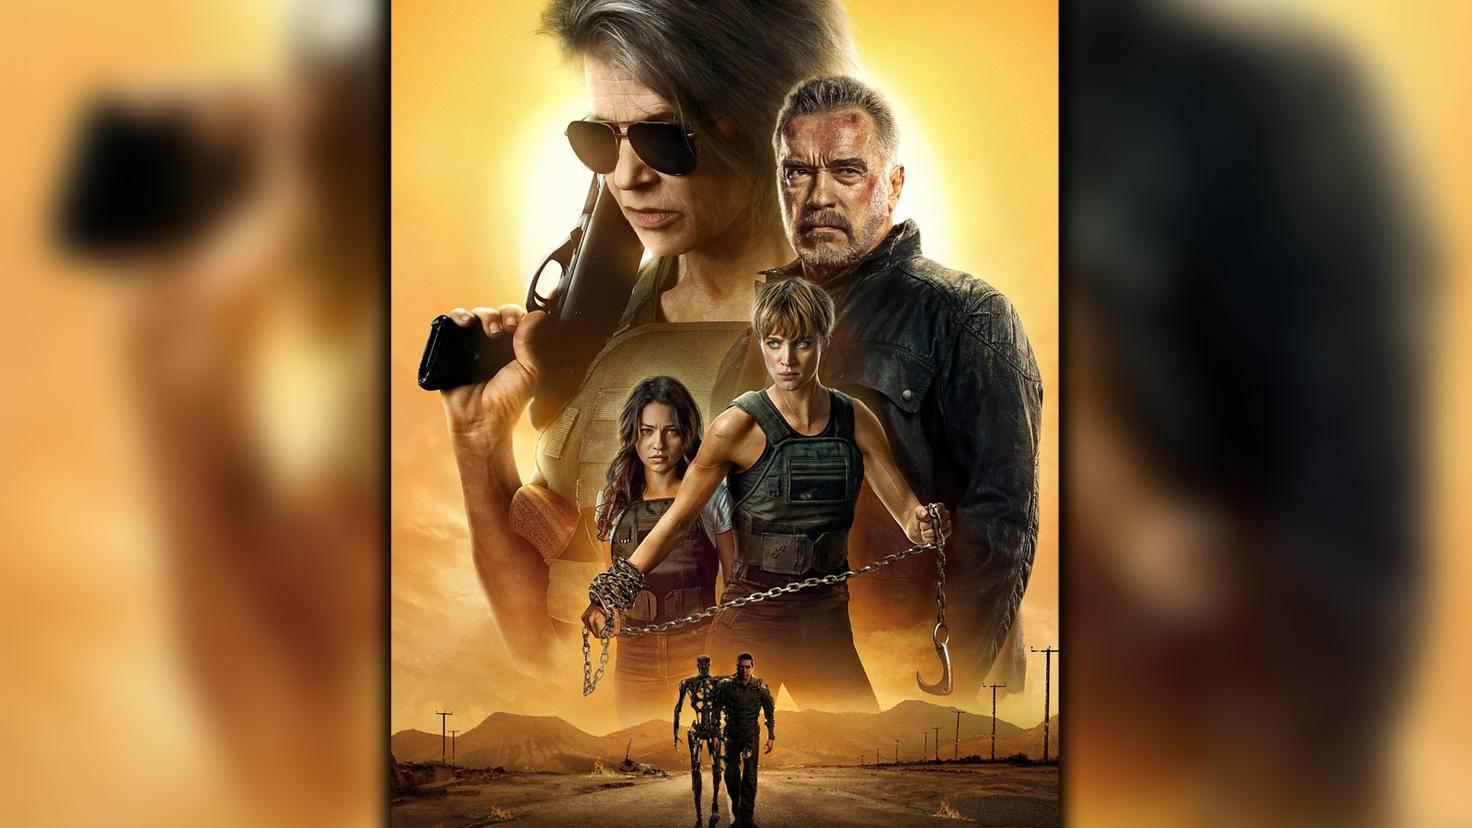 Terminator Dark Fate-Poster-Paramount Pictures